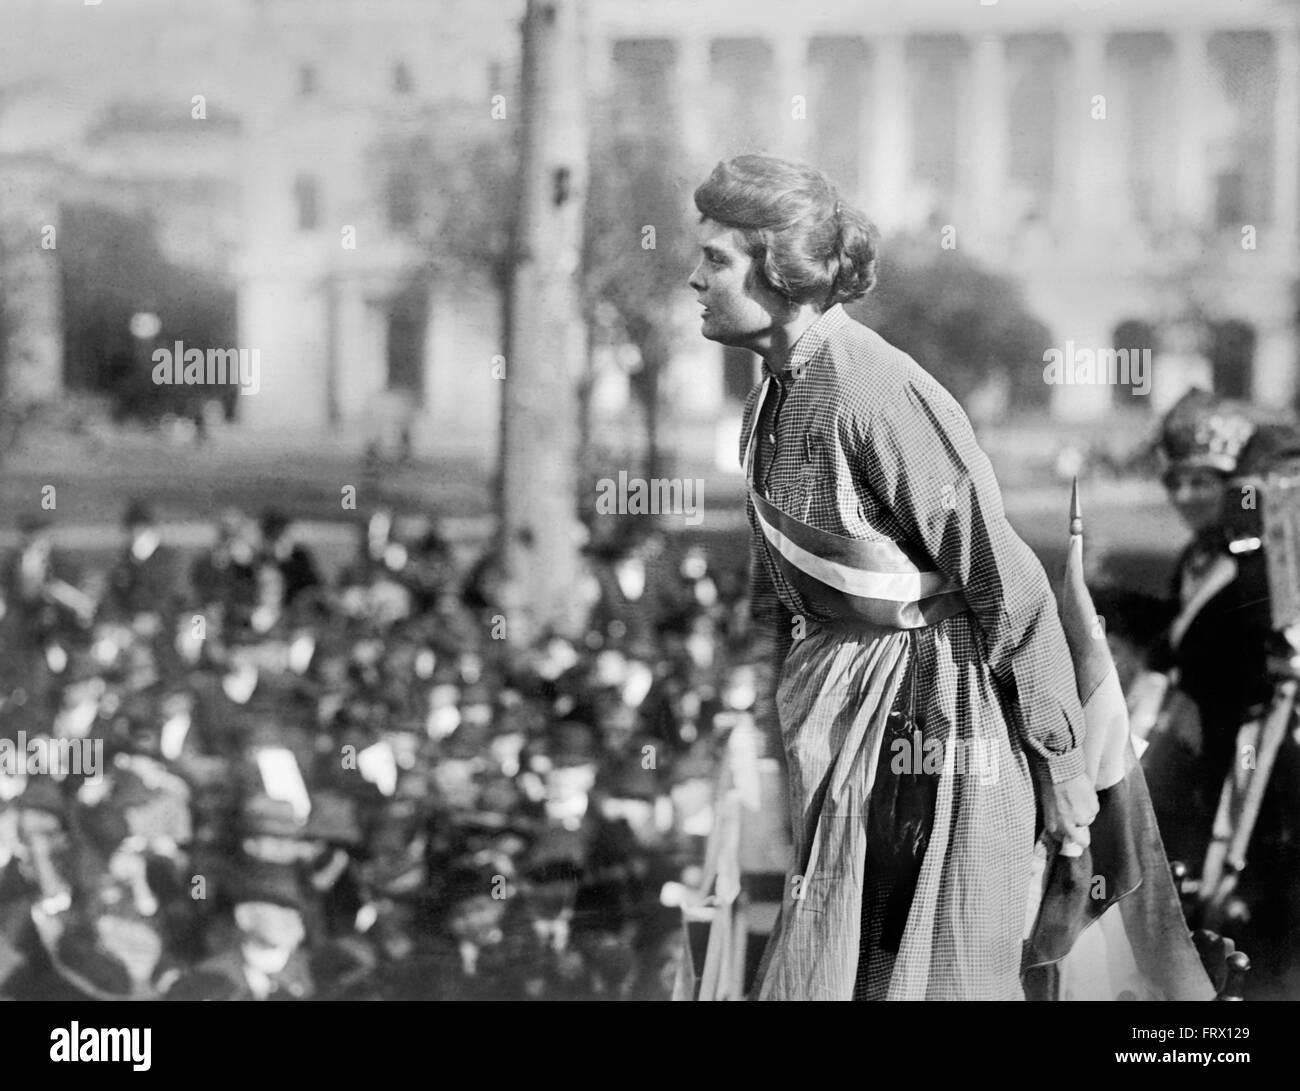 Lucy Gwynne Branham, un americano suffragette y organizador de la Fiesta Nacional de la mujer, hablando en un mitin Imagen De Stock